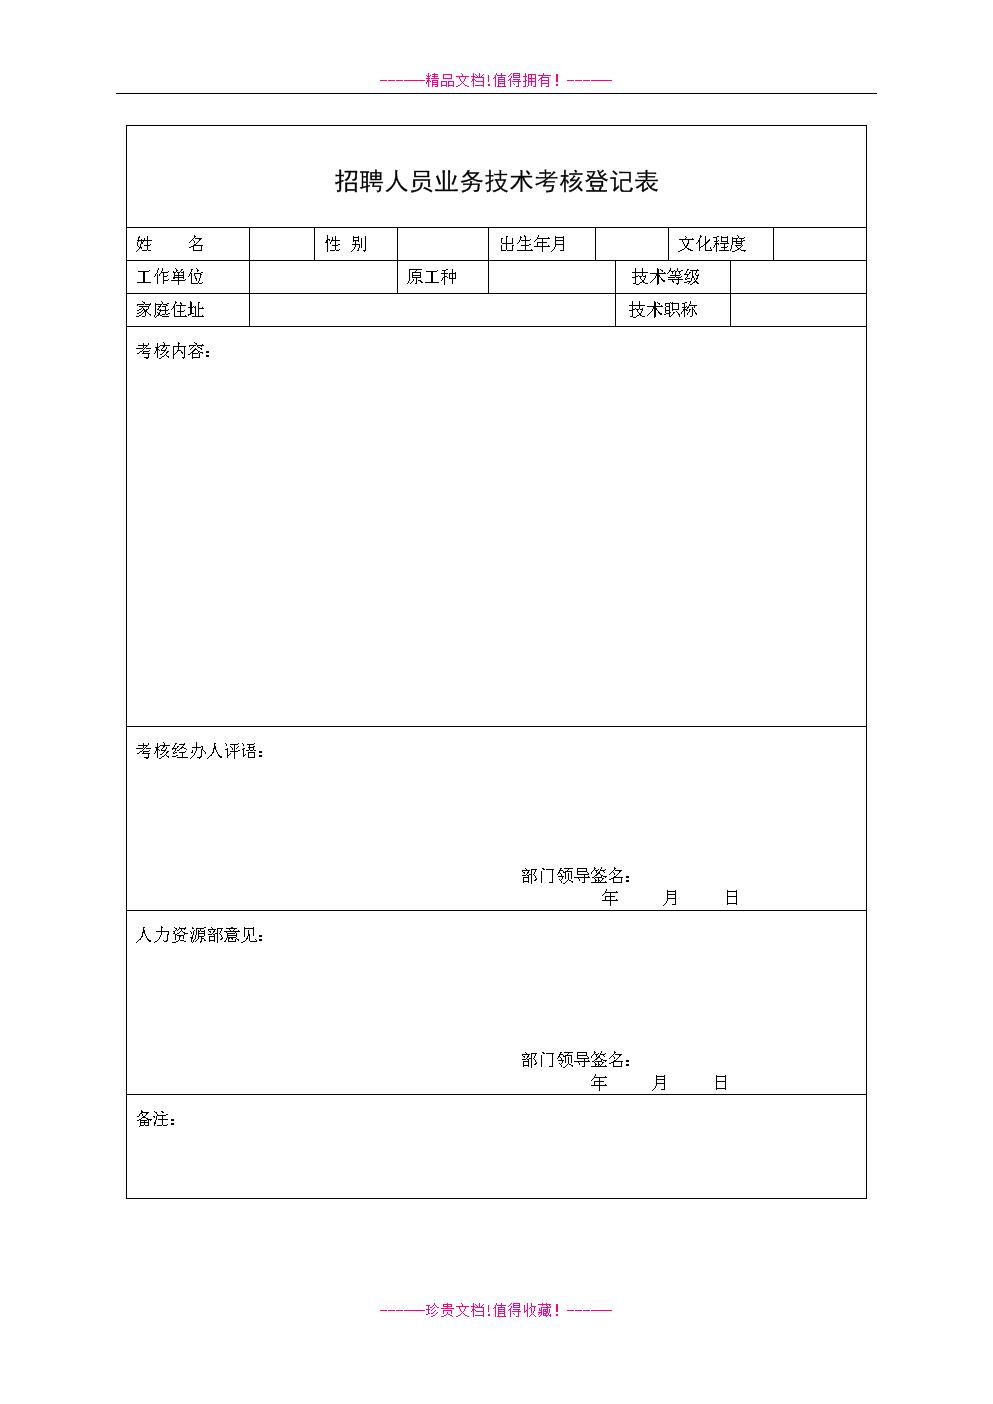 常住人口登记表模板_出生人口个信息登记表